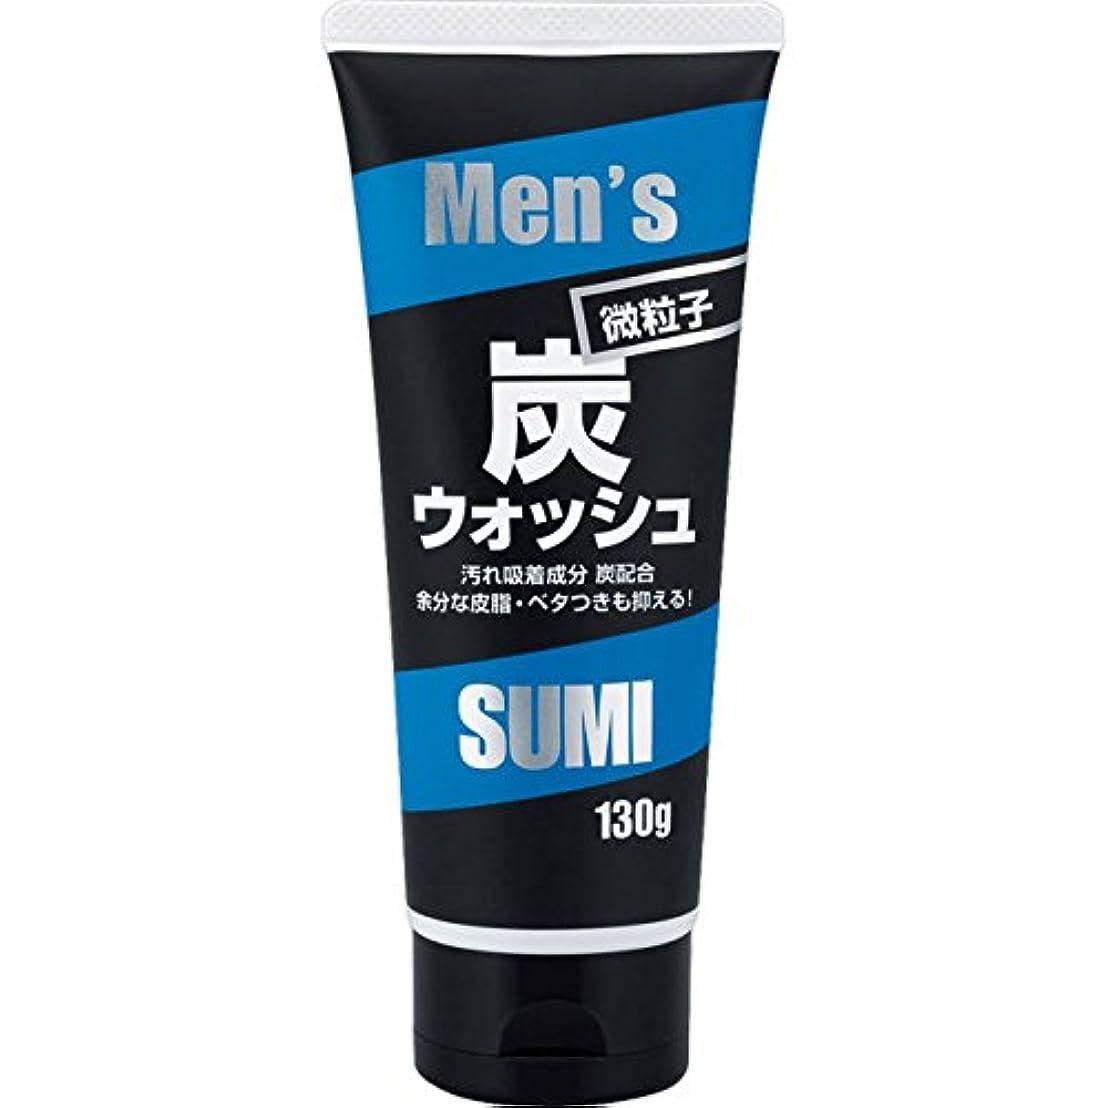 メンズ炭洗顔130gX3